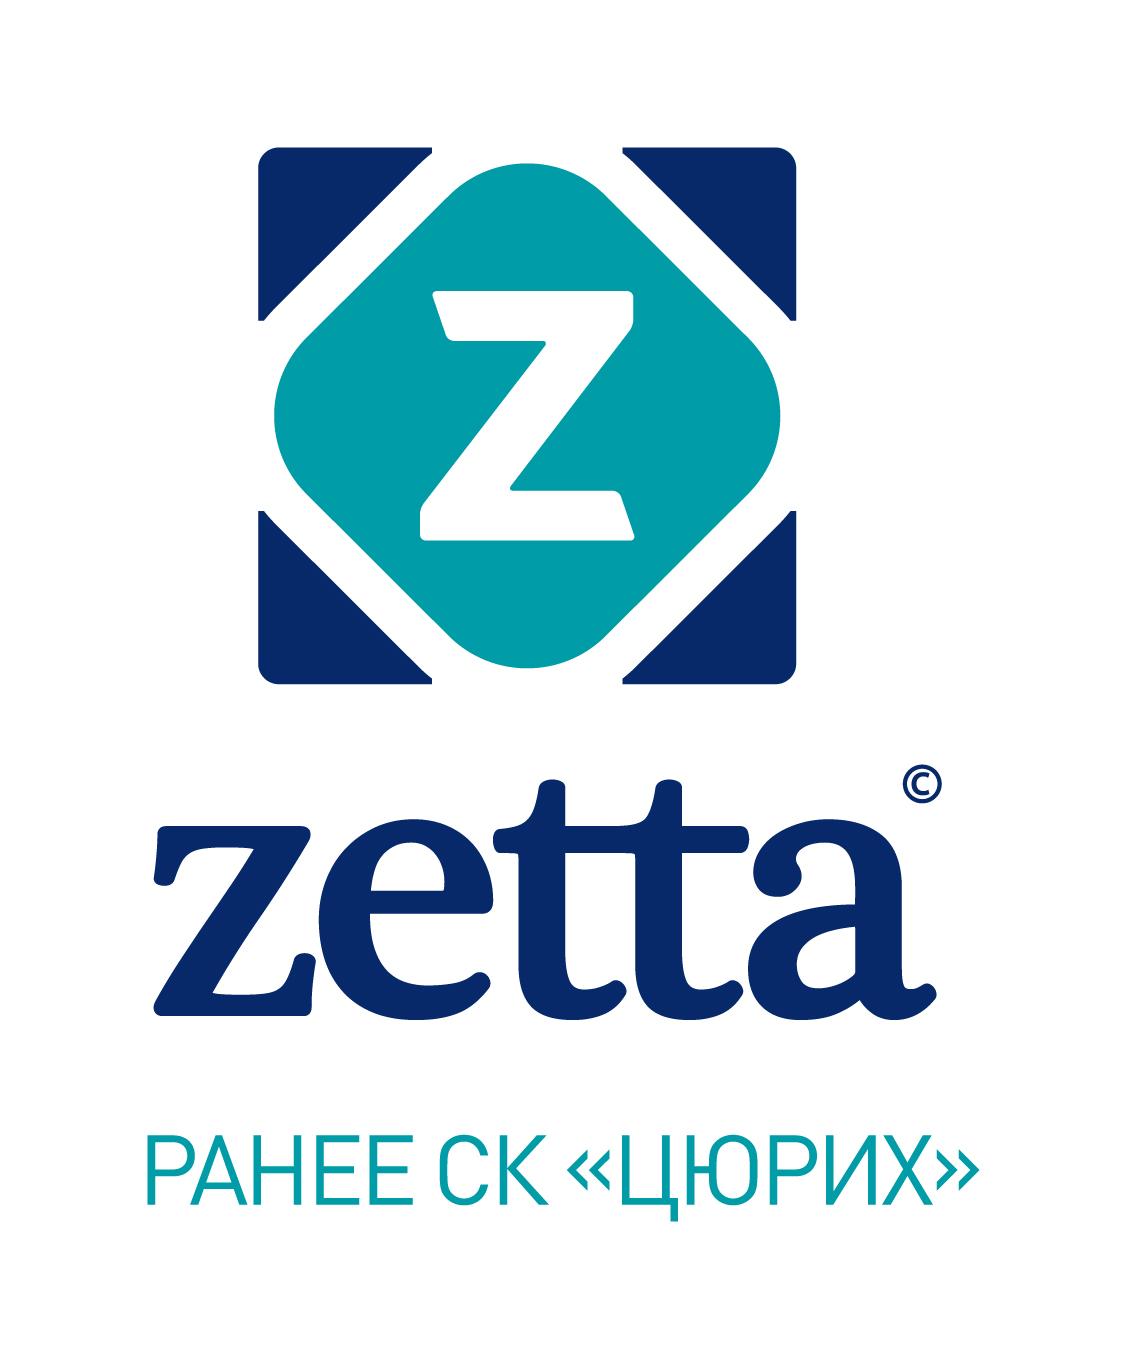 2zetta